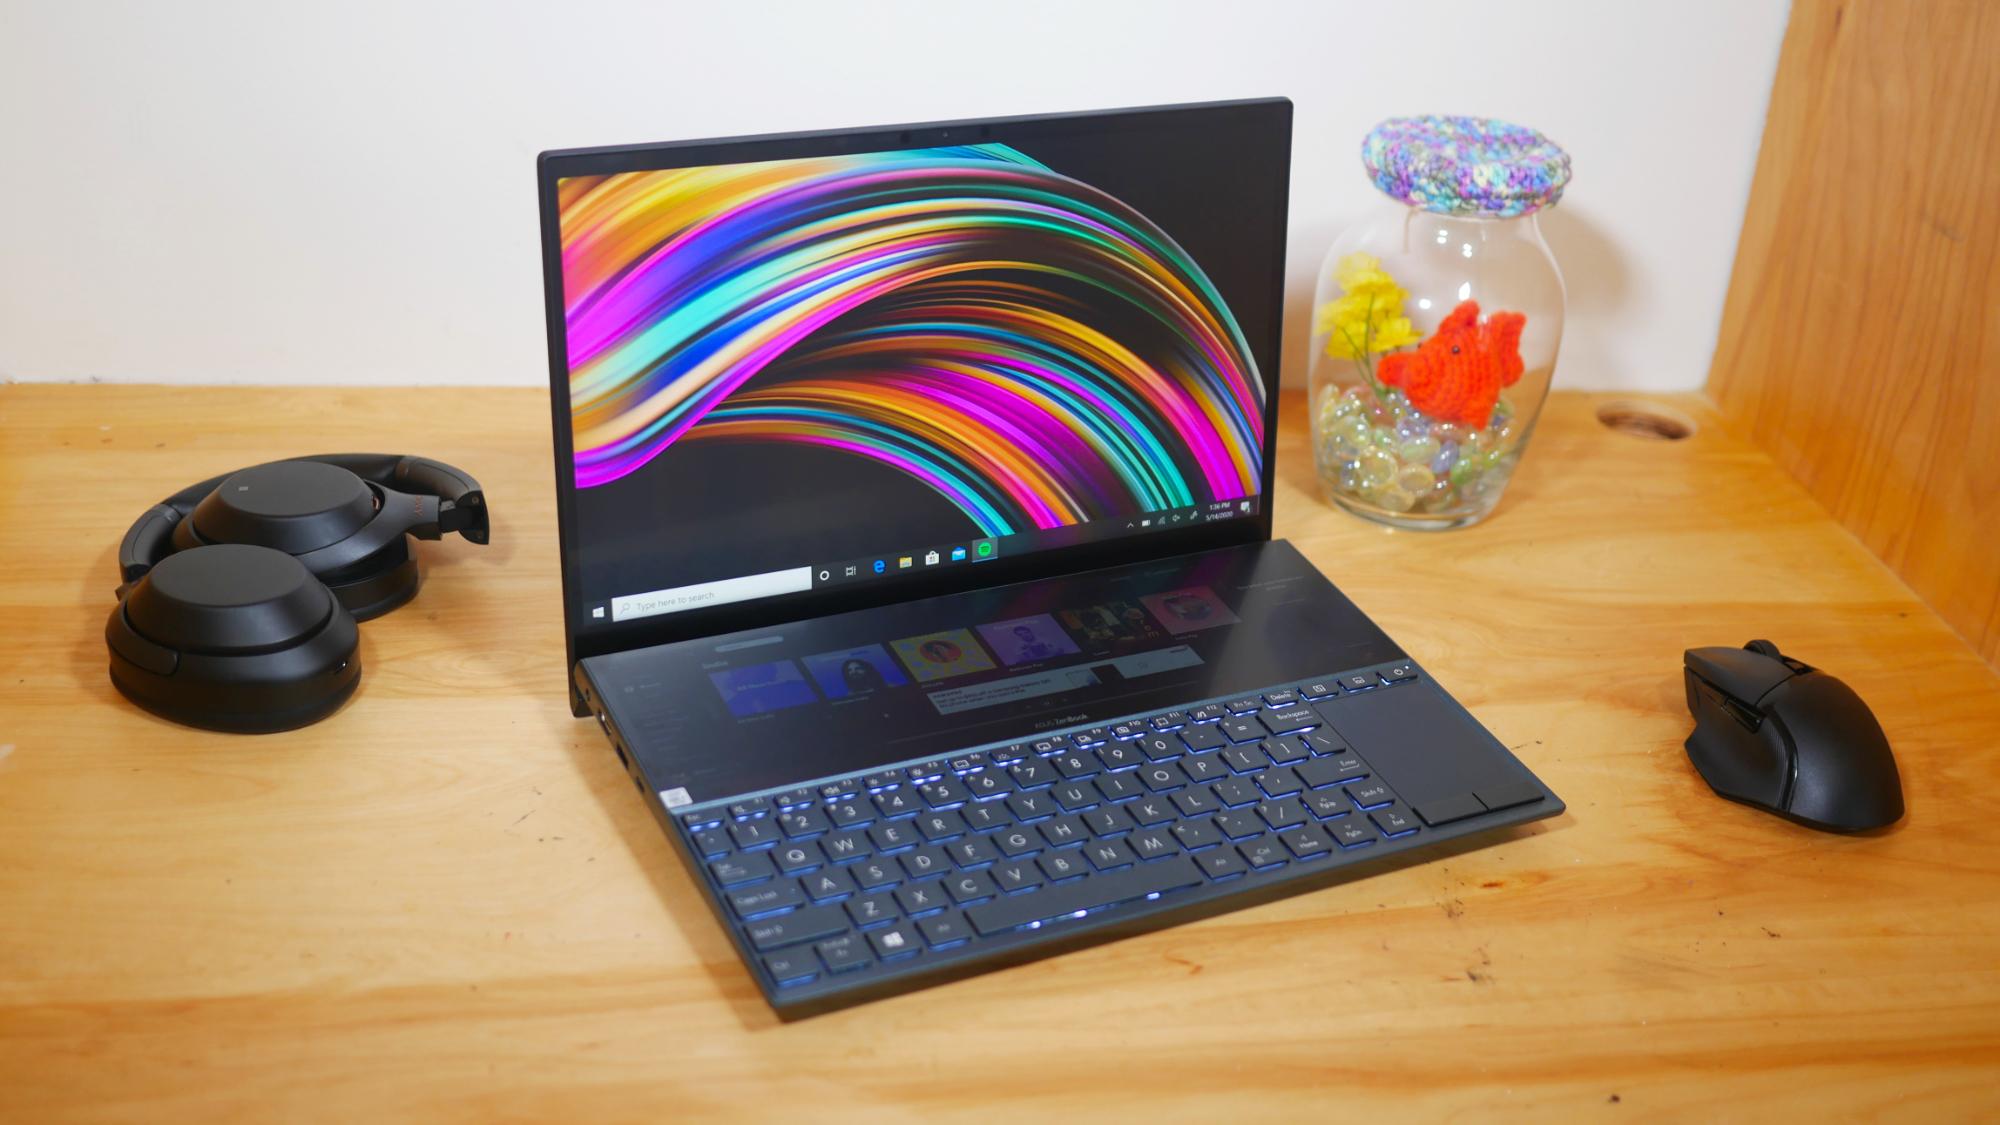 ASUS ZenBook Duo , ASUS ZenBook Duo Cam ,ASUS ZenBook Duo Camera test,ASUS ZenBook Duo Screen Repair, ASUS ZenBook Duo Camera, ASUS ZenBook Duo Unboxing, ASUS ZenBook Duo Hands-on